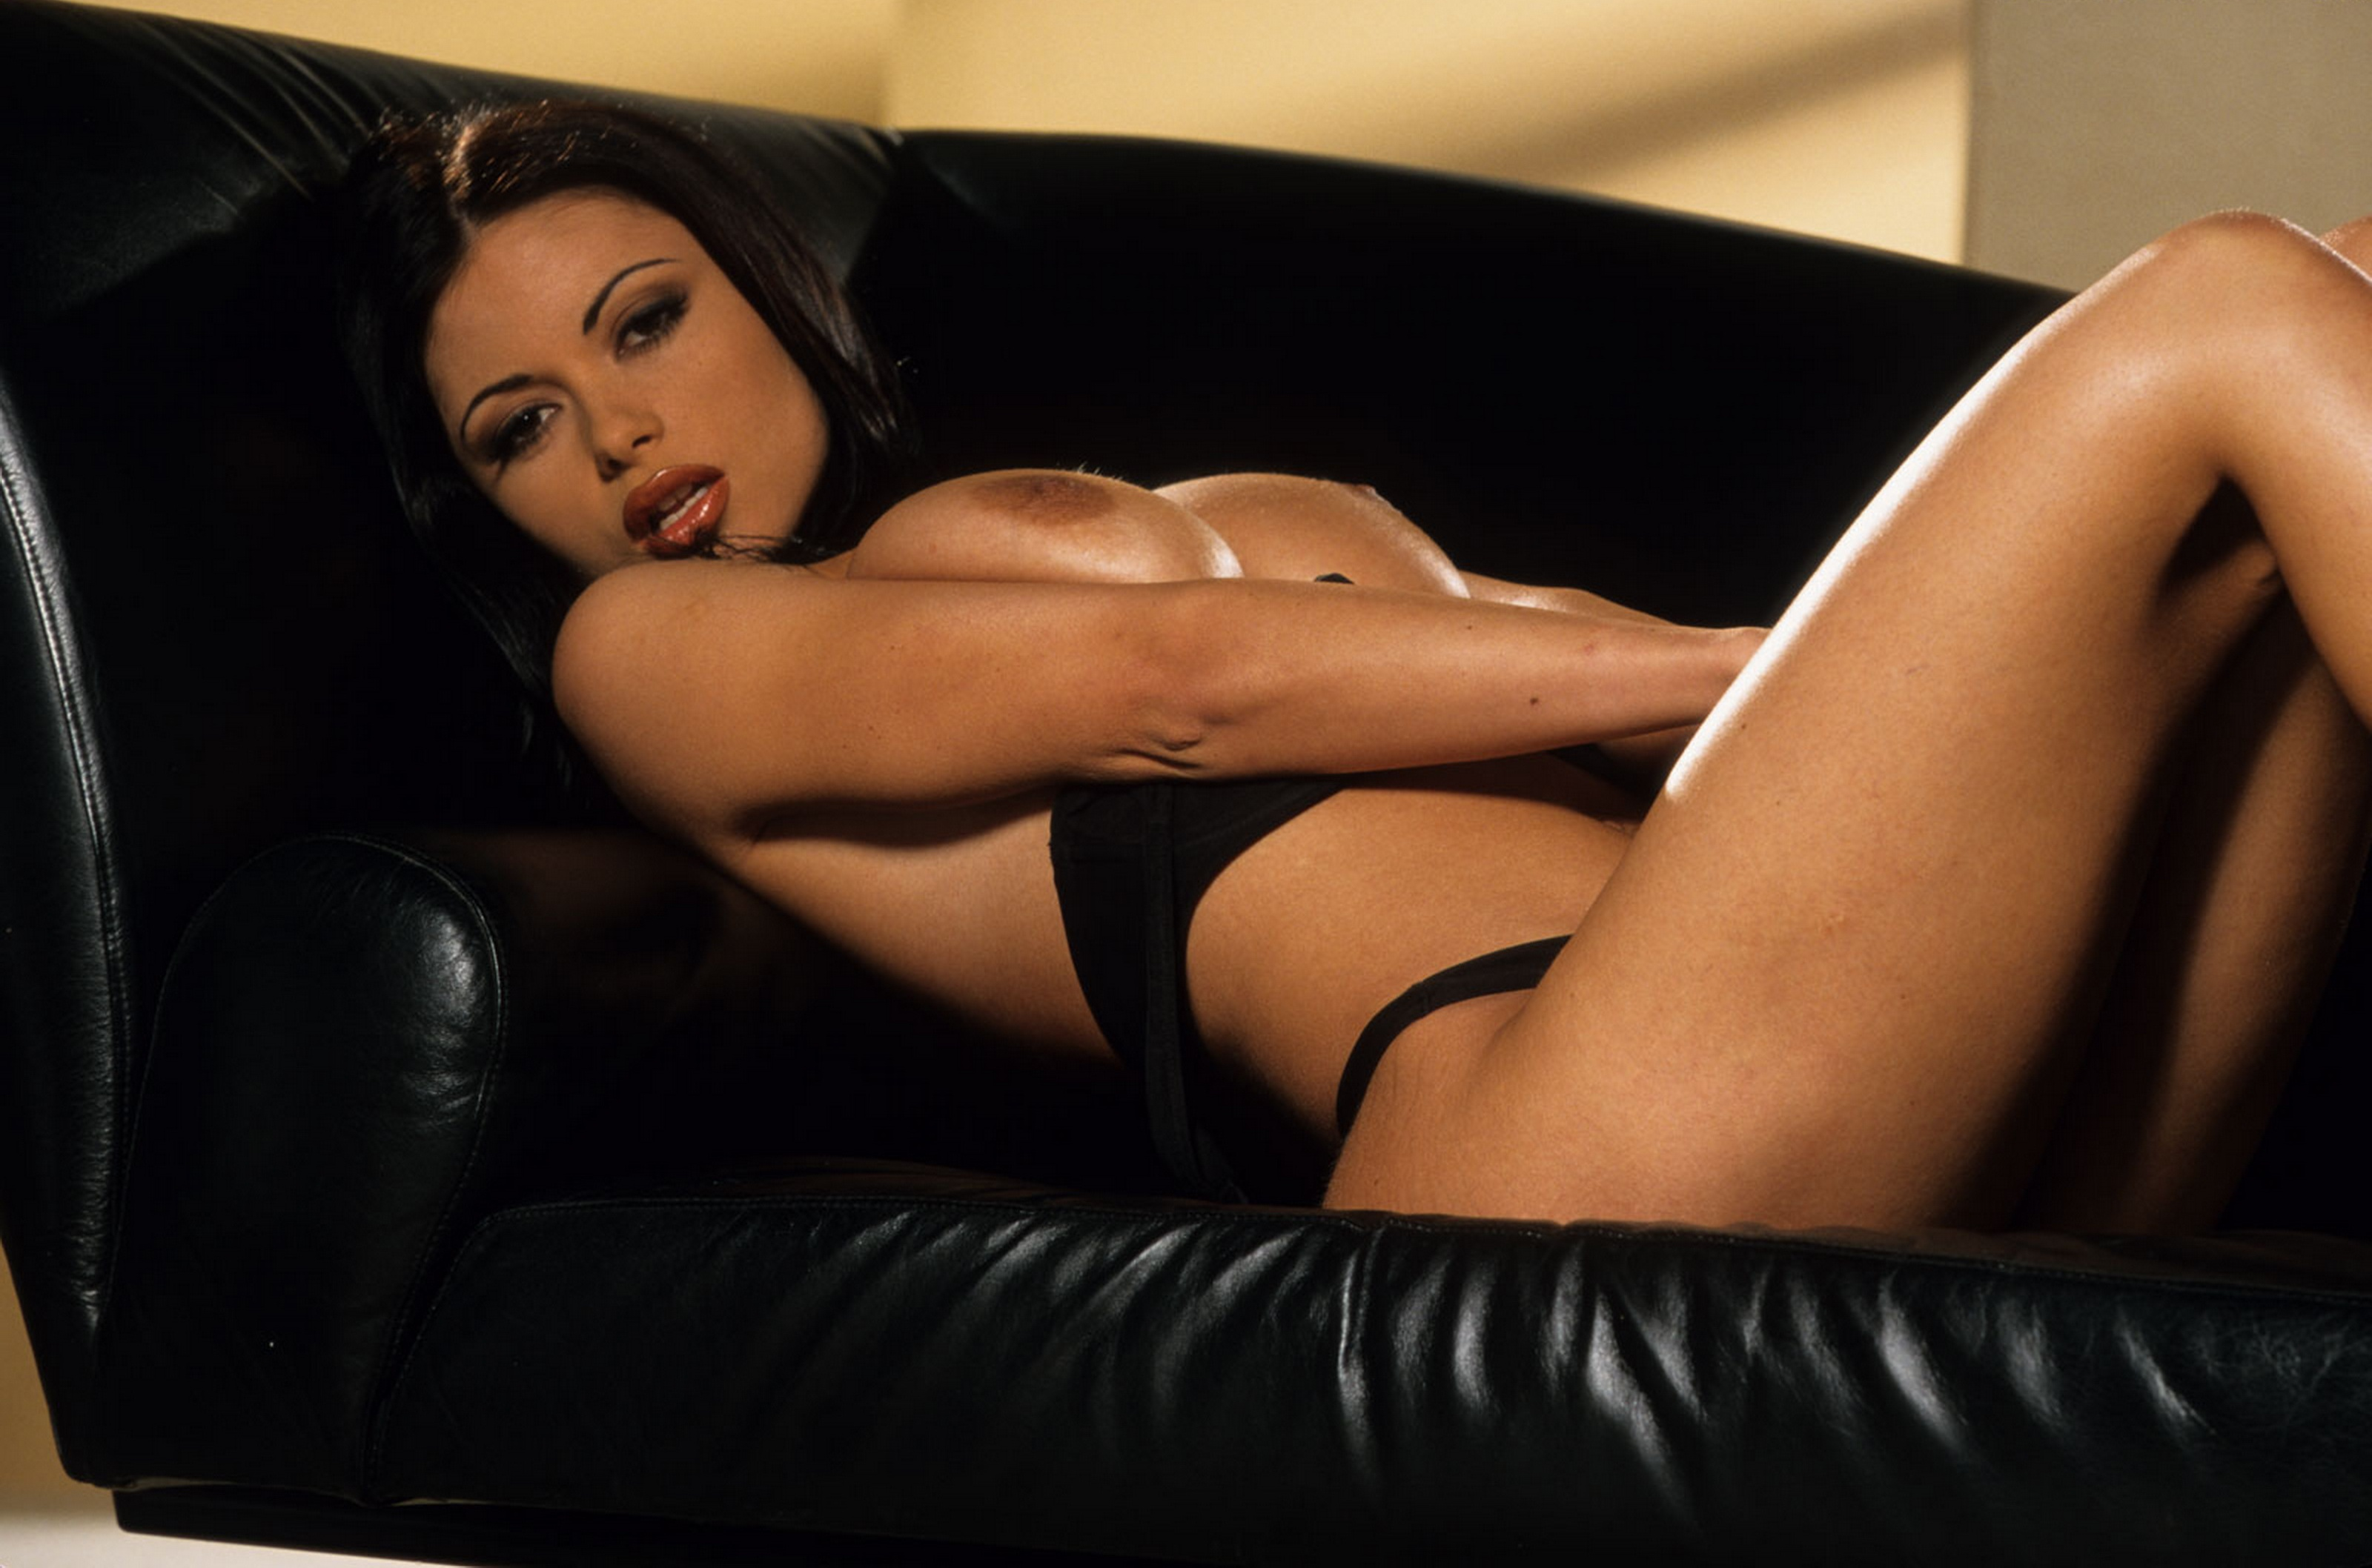 sogno erotico massaggi escort